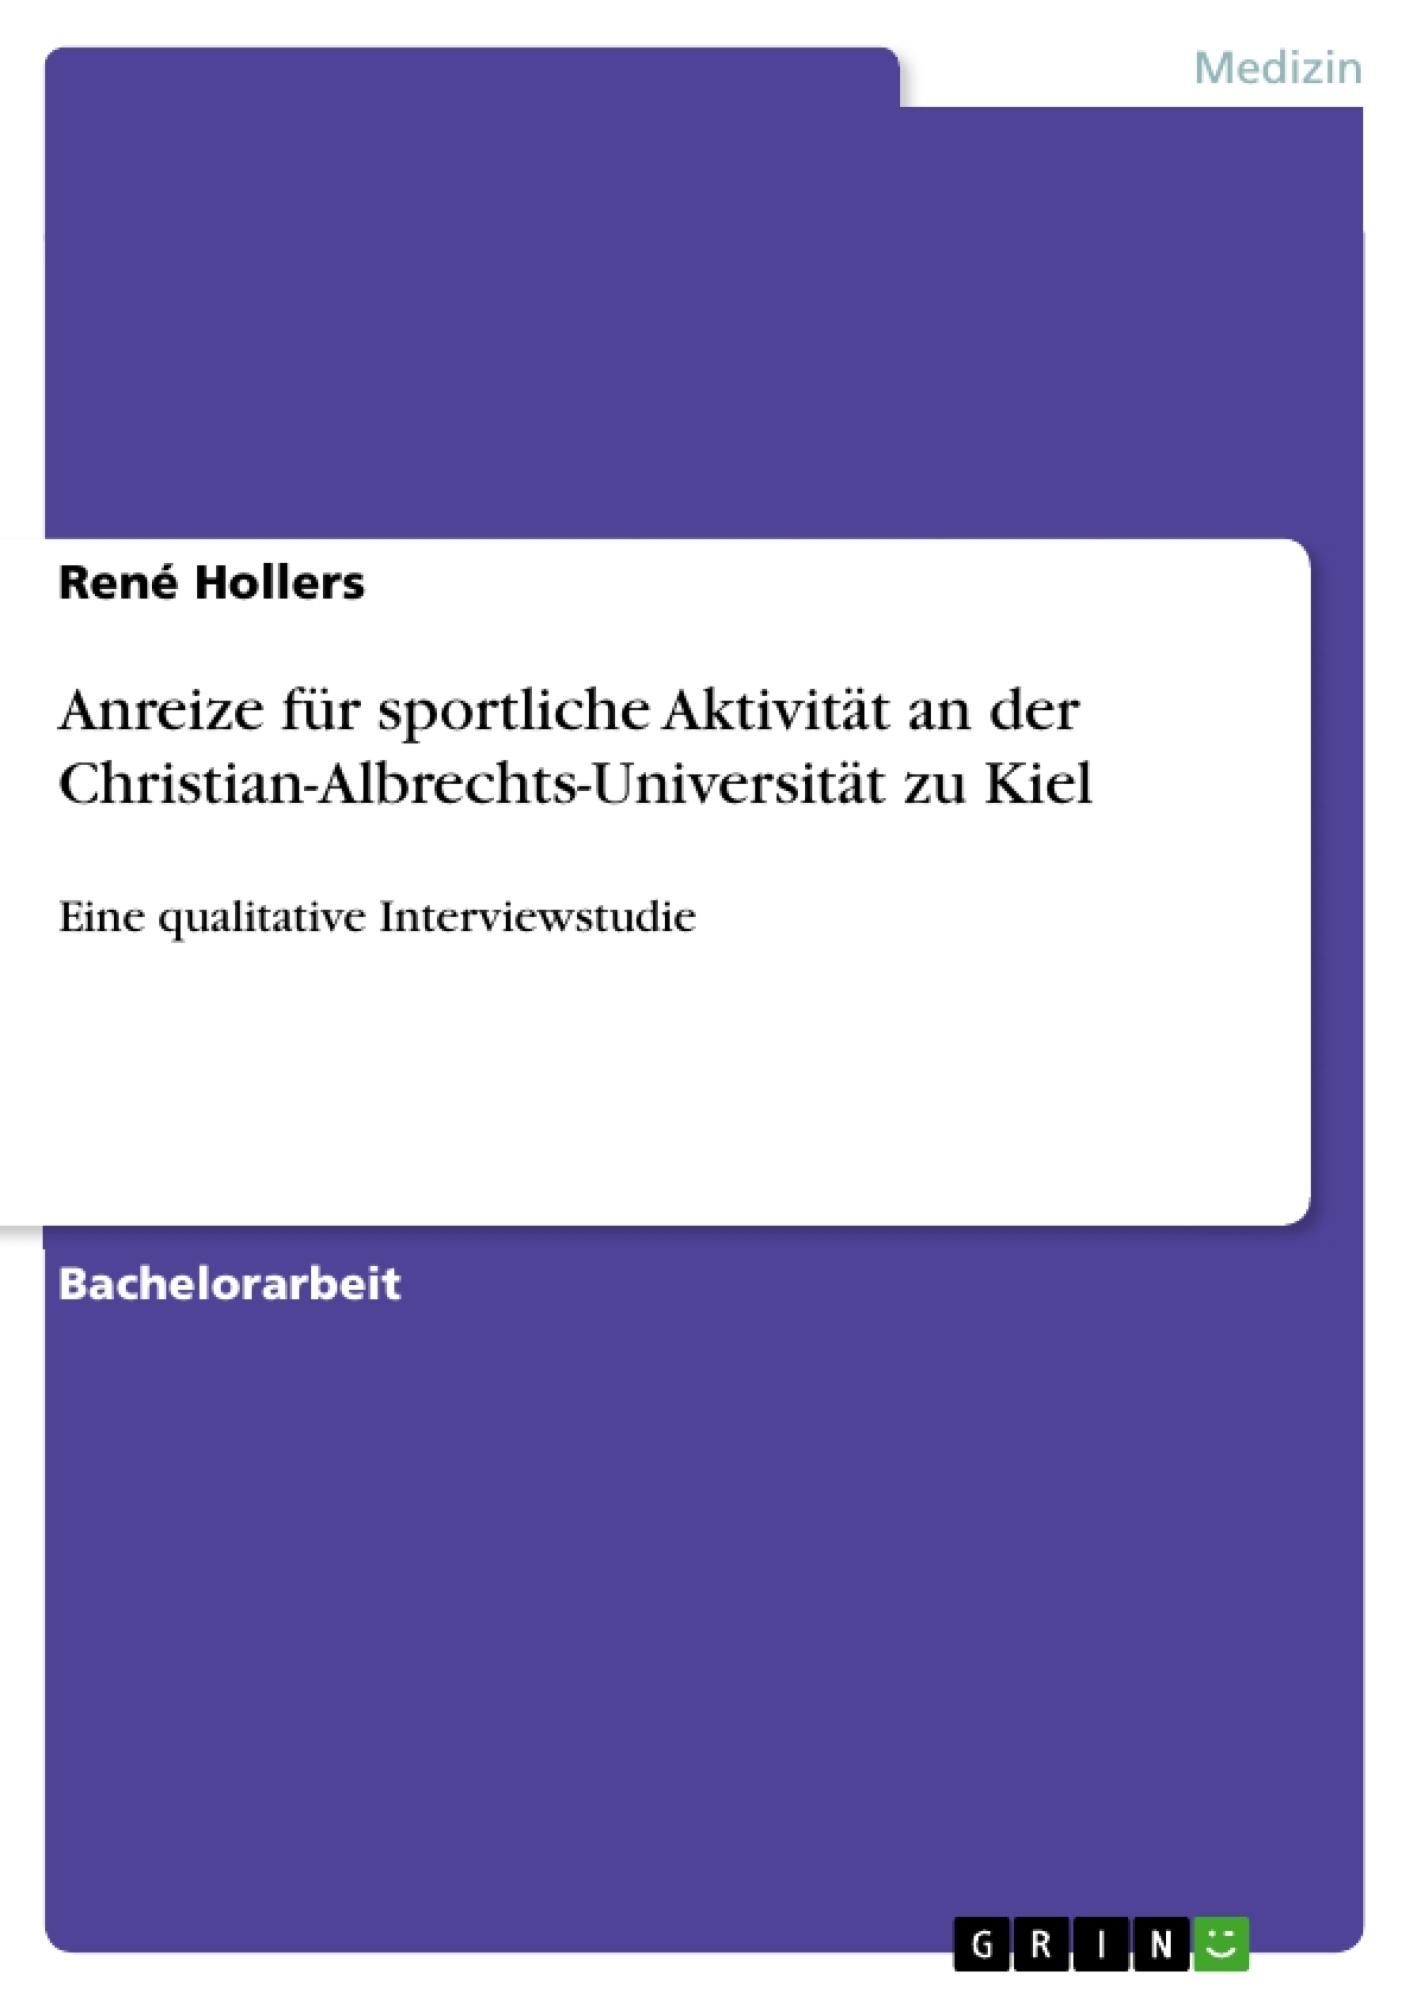 Titel: Anreize für sportliche Aktivität an der Christian-Albrechts-Universität zu Kiel